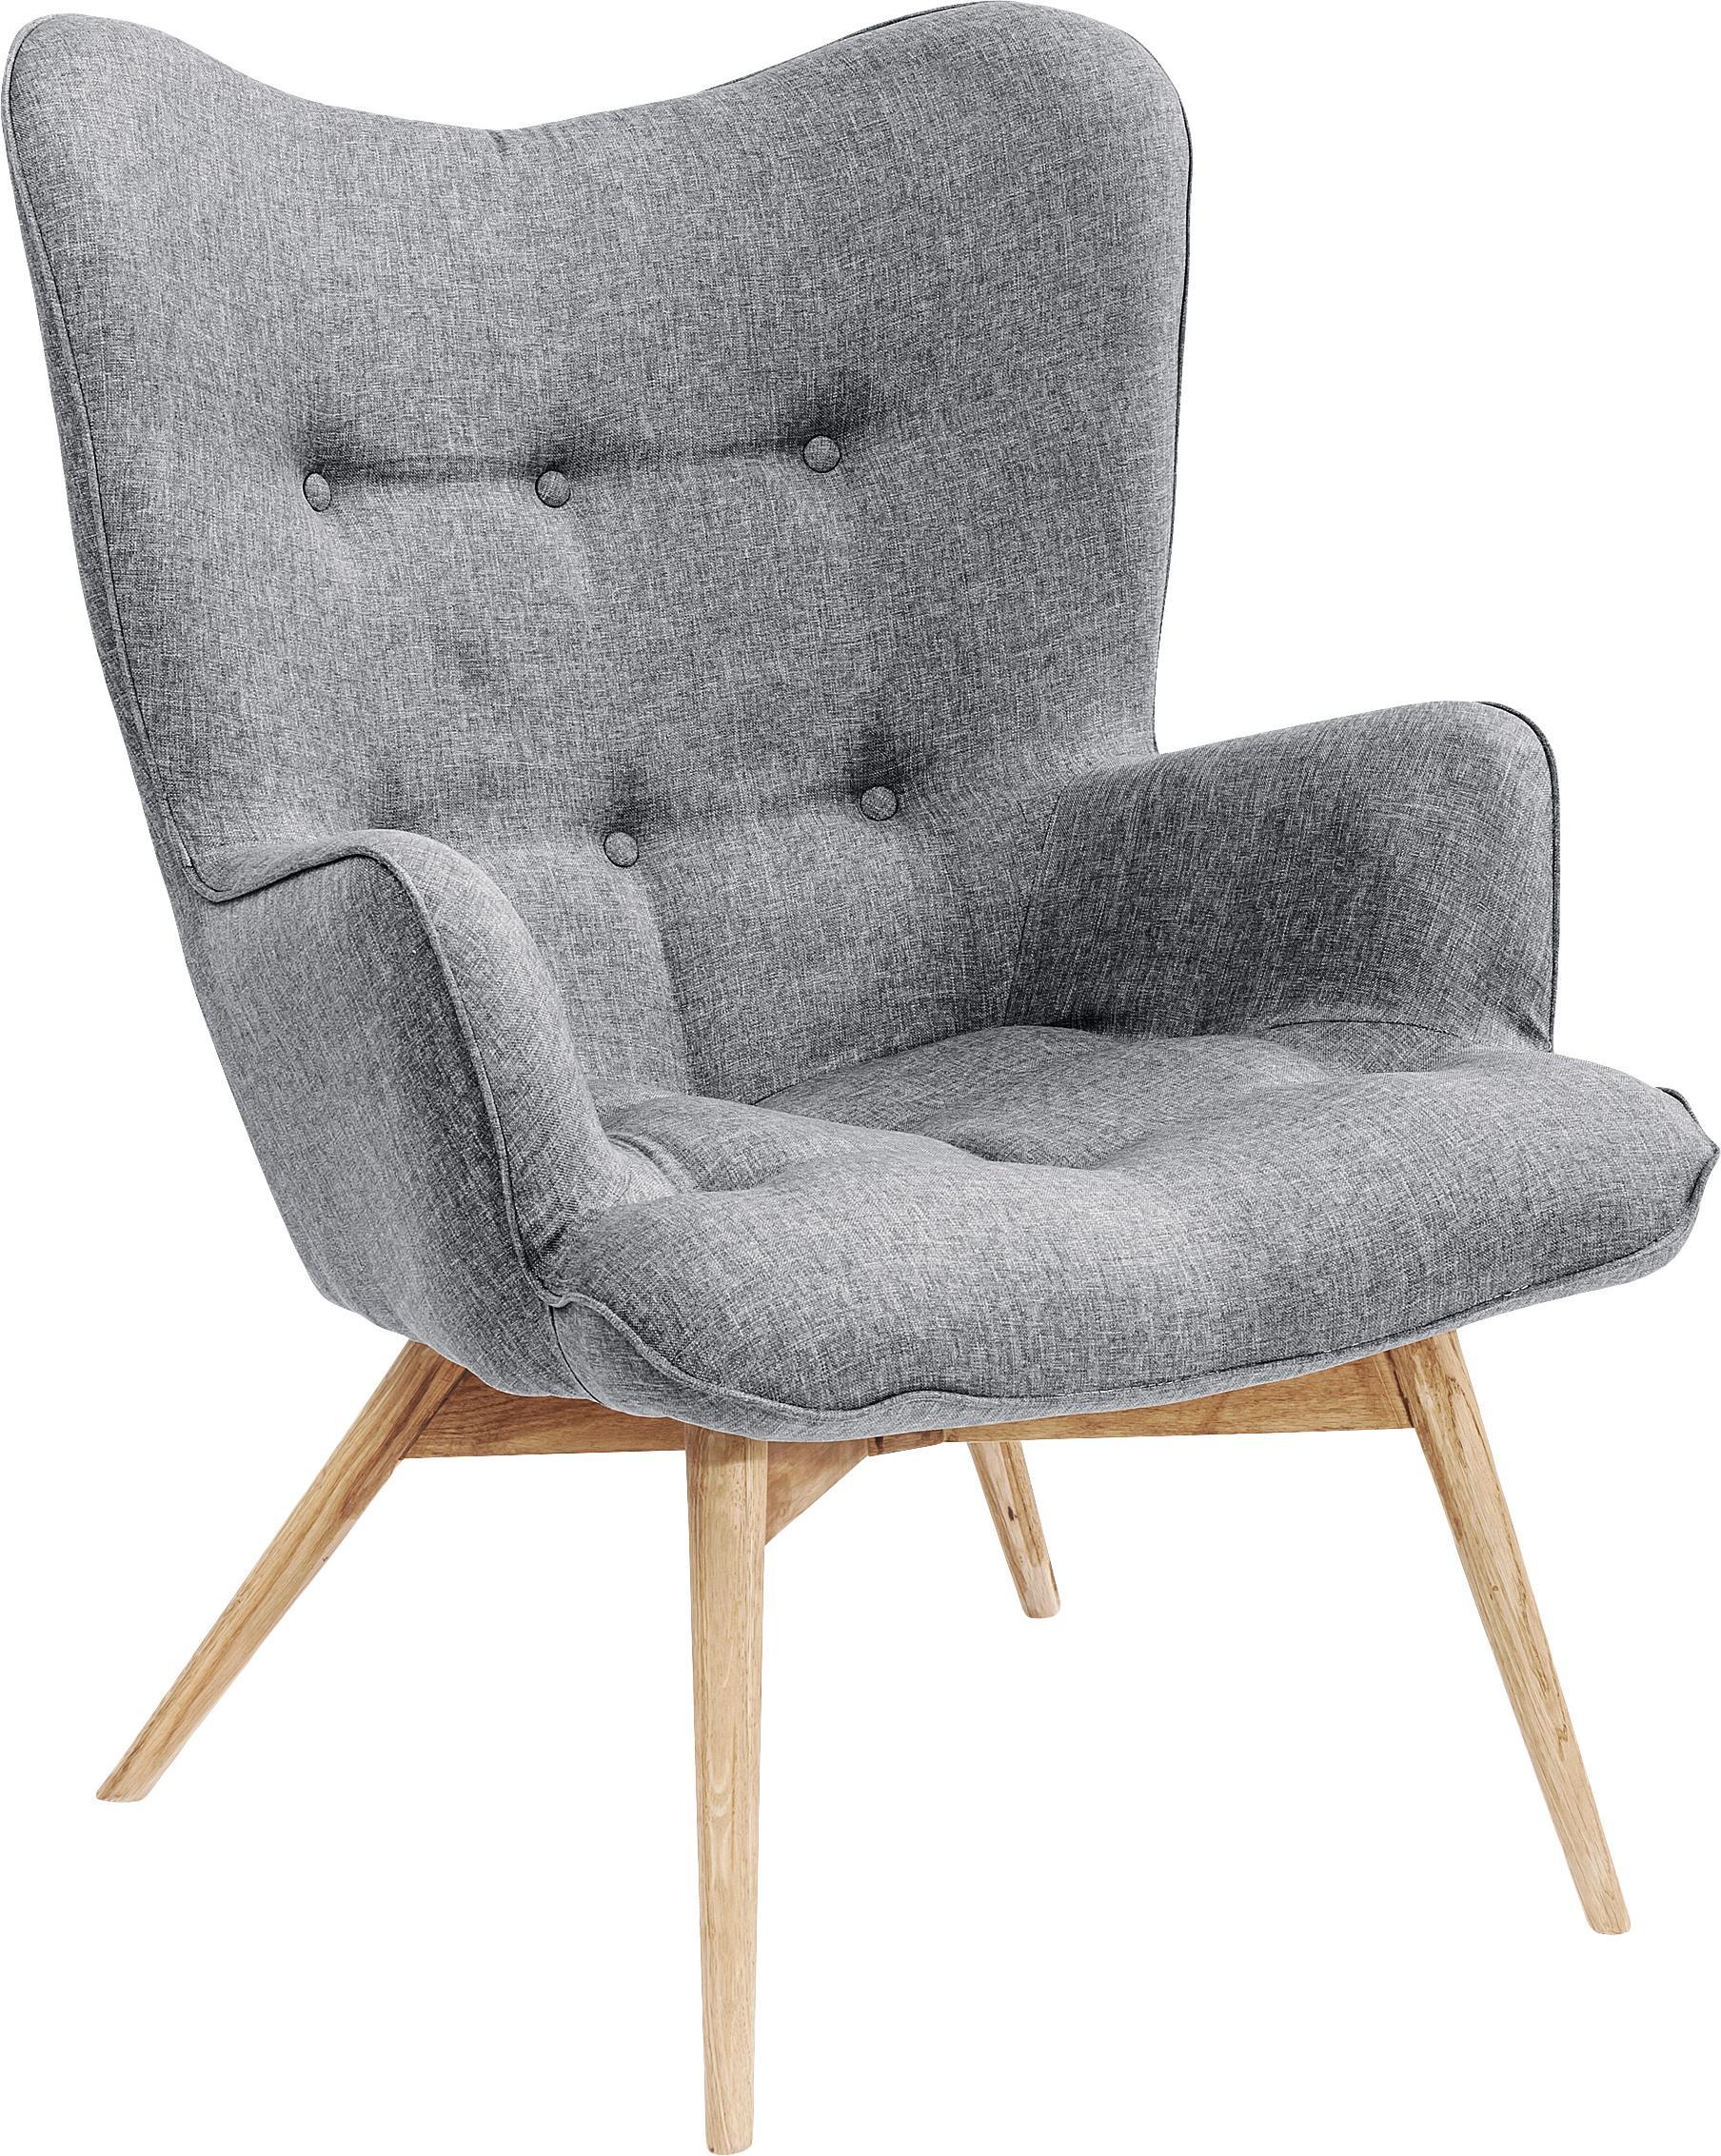 Fauteuil Vicky in grijs, Bekleding: polyester, Poten: massief, gebeitst en gela, Frame: beuken spaanplaat, nature, Grijs, B 59 x D 63 cm